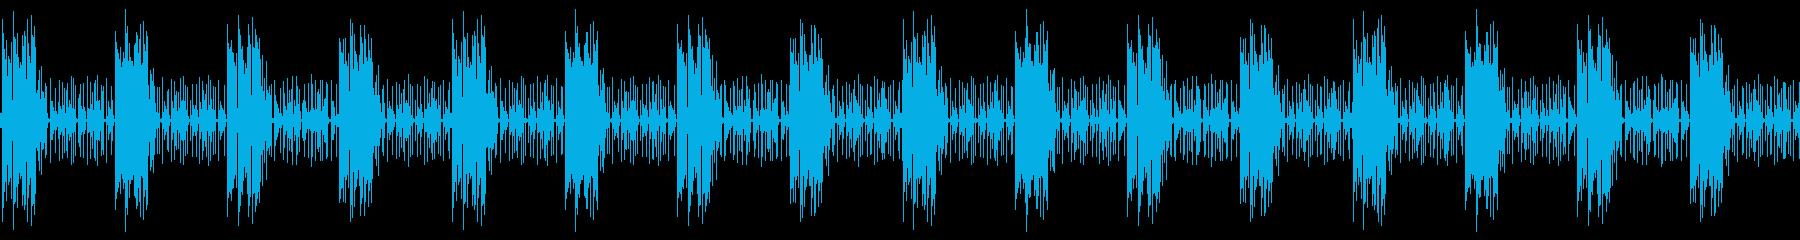 ゲームやクイズ番組に最適な音楽。の再生済みの波形